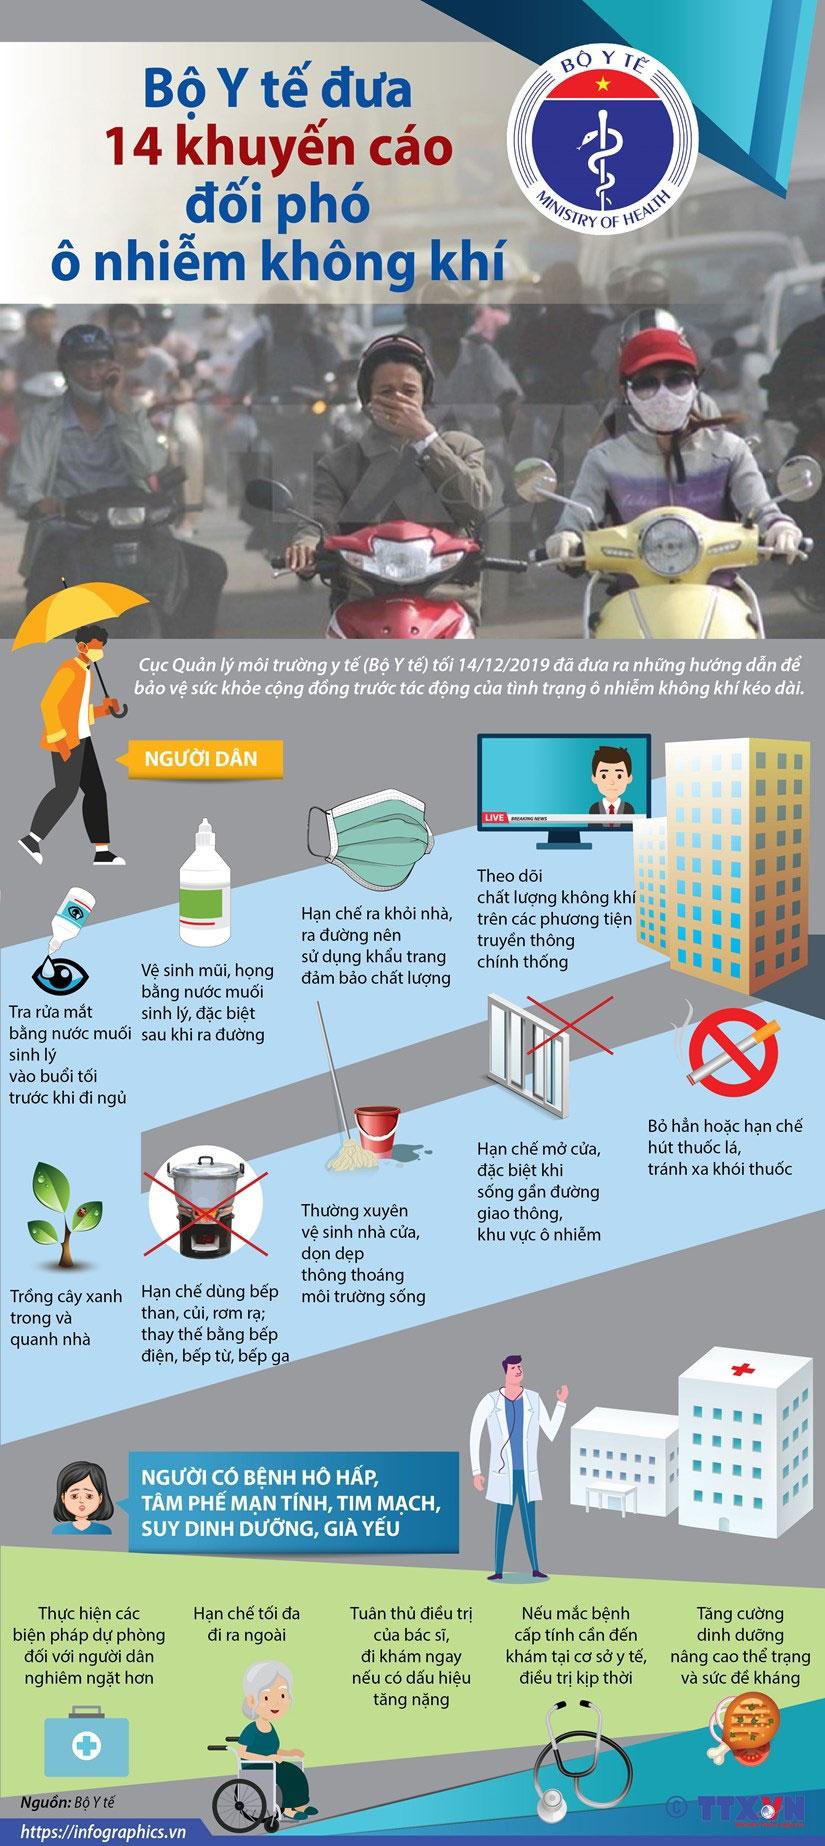 Bộ Y tế hướng dẫn bảo vệ sức khỏe trước tác động của ô nhiễm không khí - Bệnh viện Tai Mũi Họng Sài Gòn